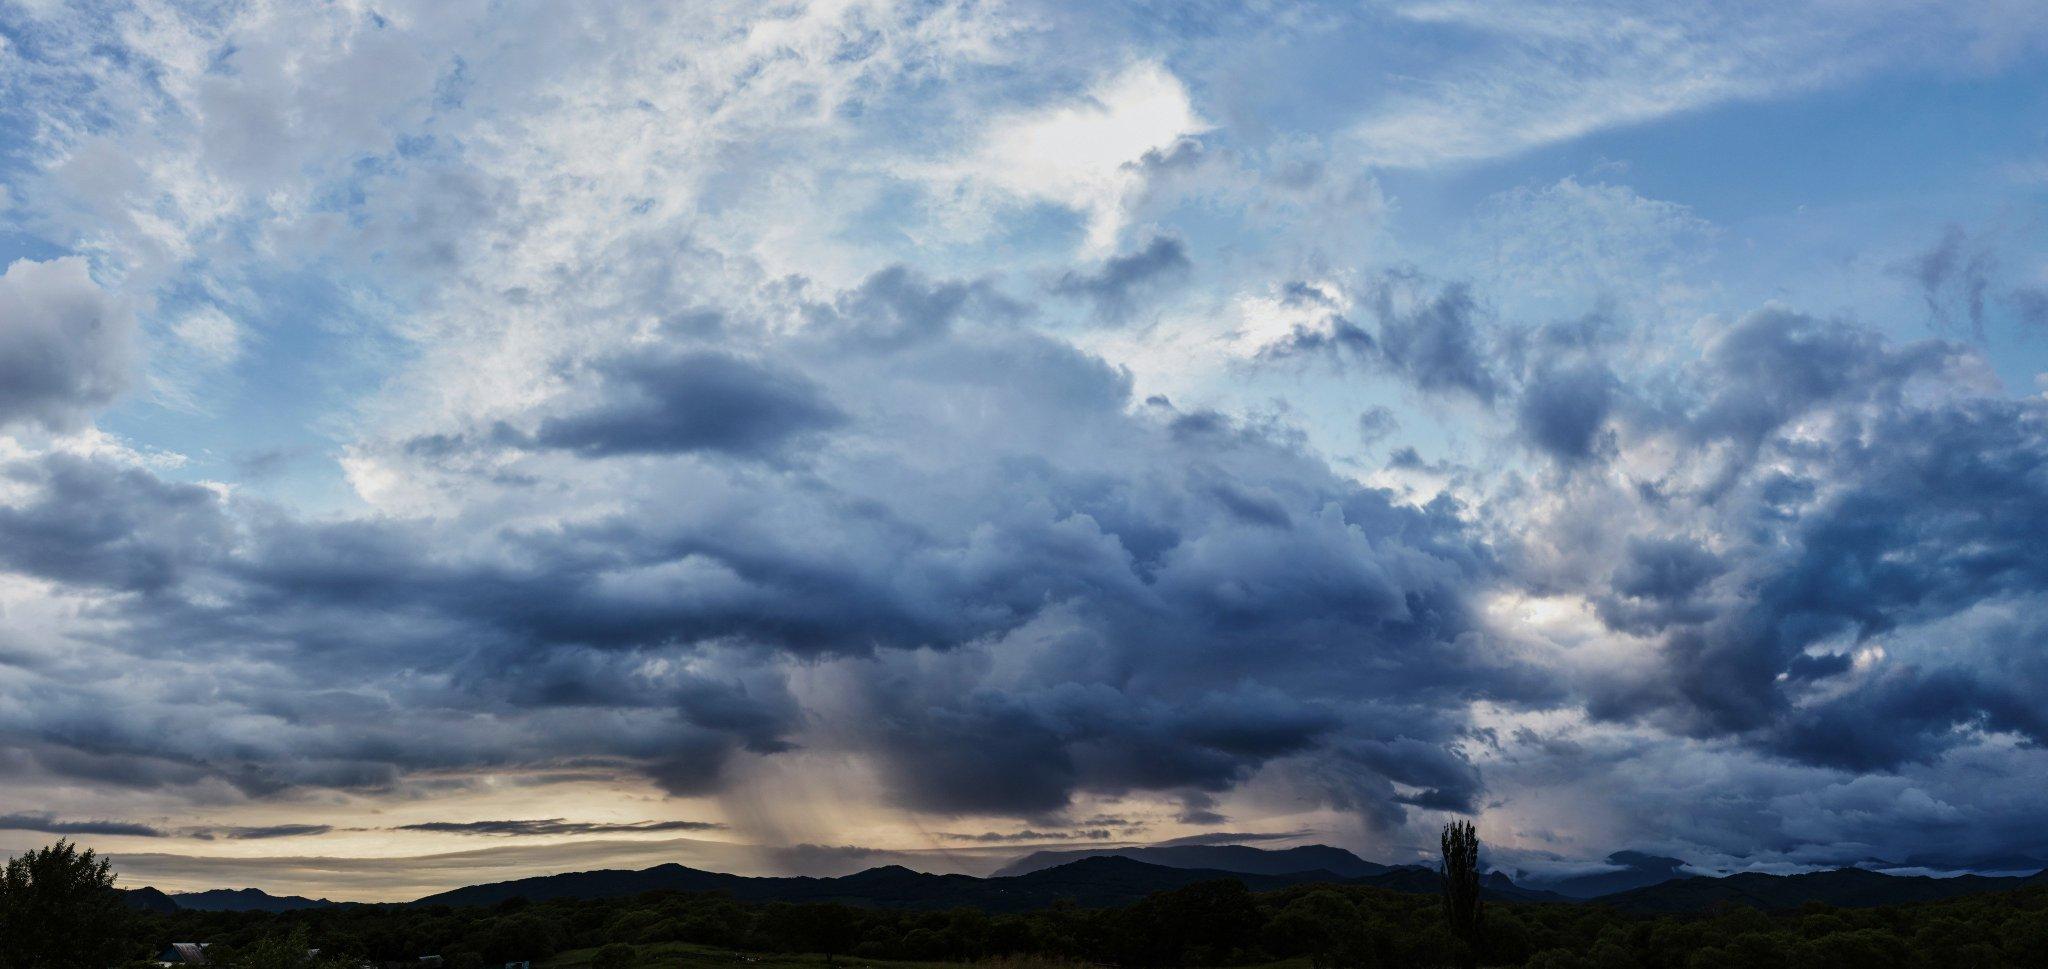 Дождь в стороне Чандолаза (красивые облака, сфотографированные с ангара в Золотой Долине)